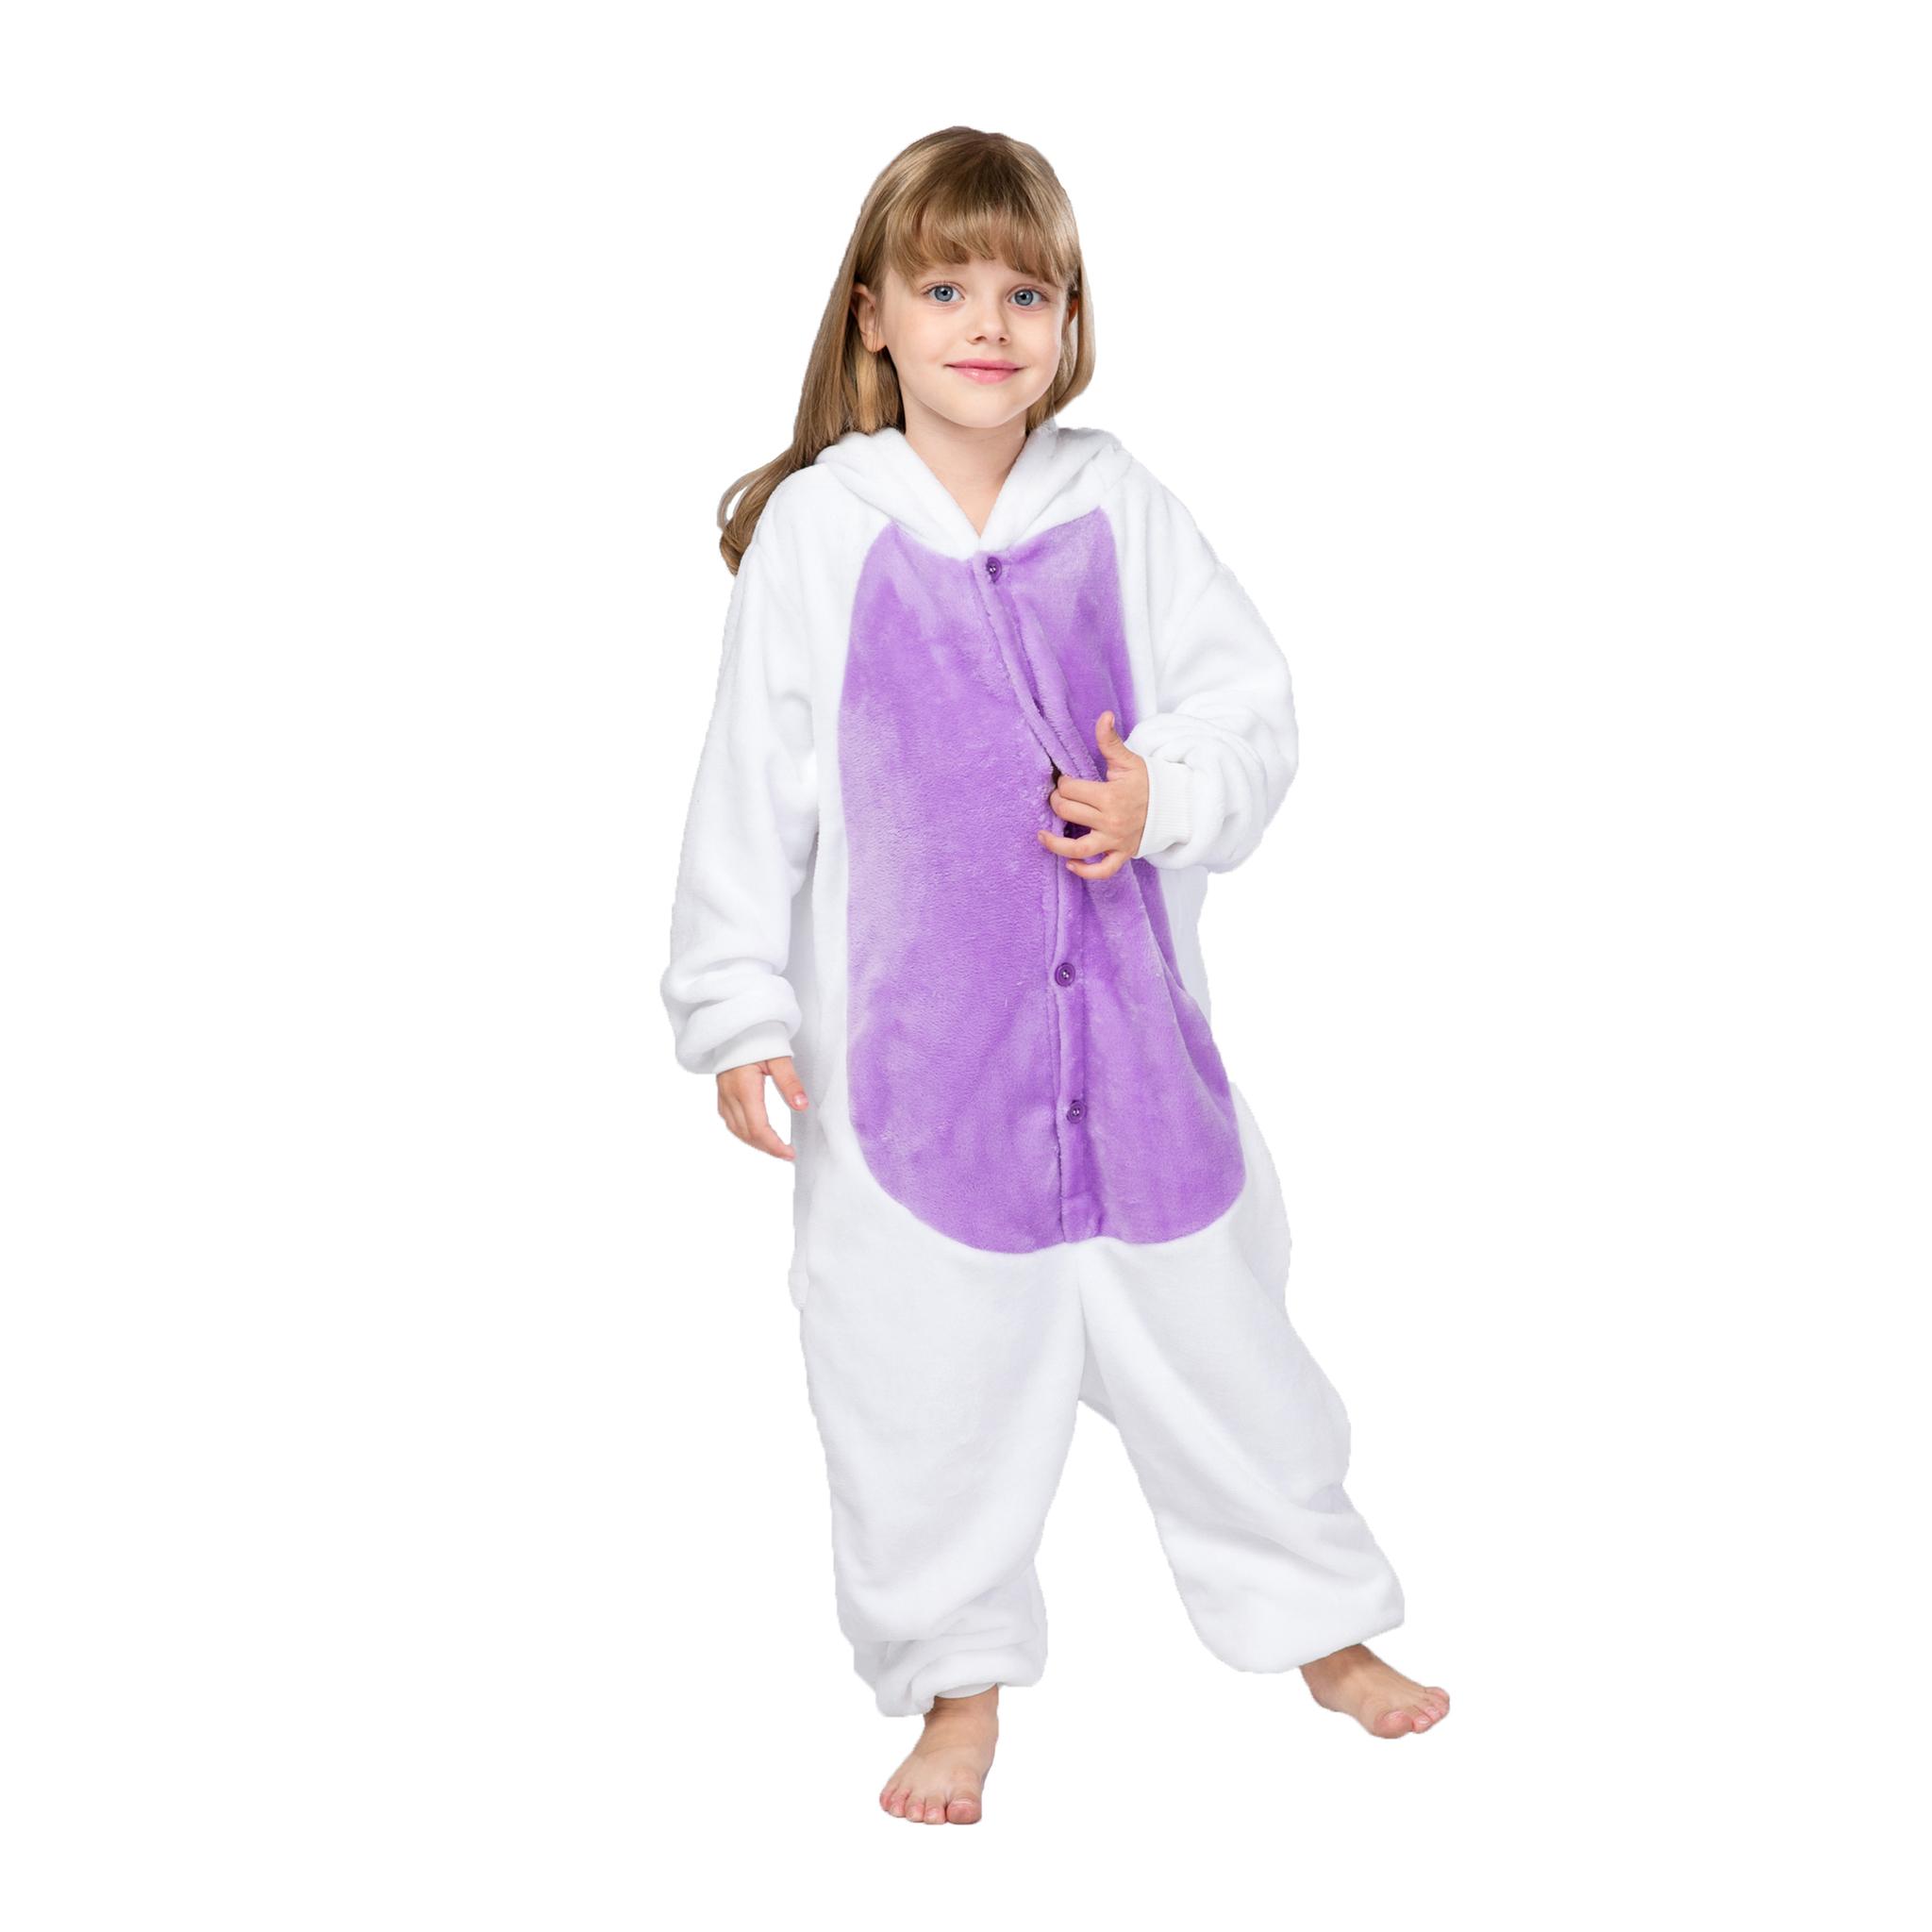 Пижамы для детей Фиолетовый Пегас детский 1.jpg